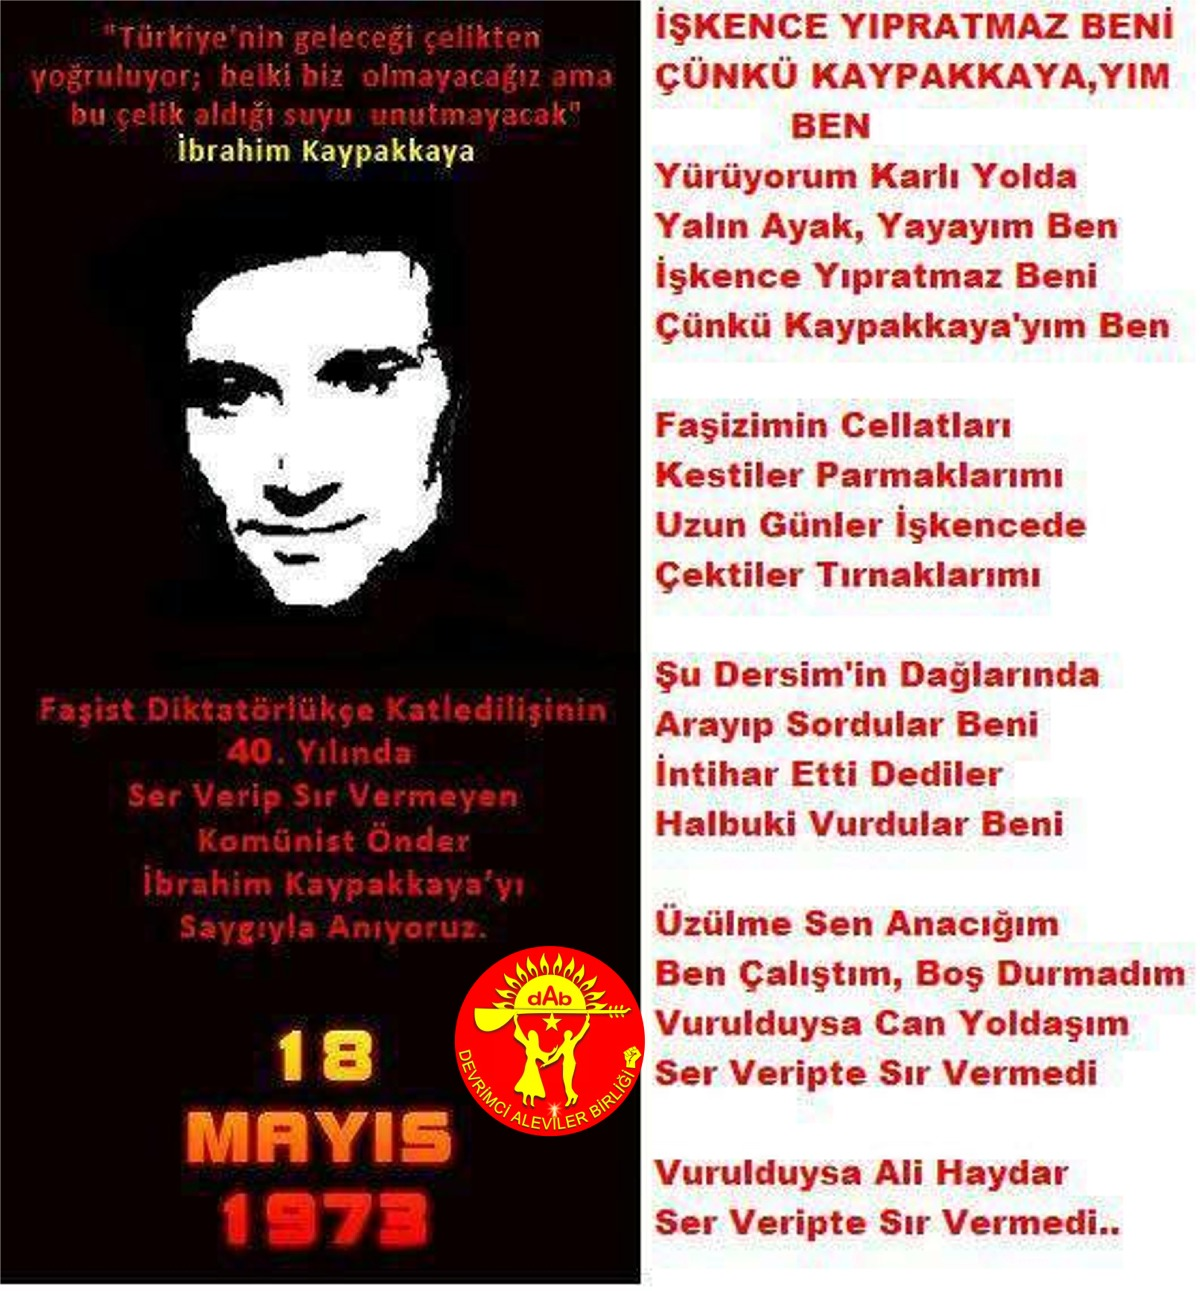 Alevi Bektaşi Kızılbaş Pir Sultan Devrimci Aleviler Birliği DAB ibo kaypakkaya iskence